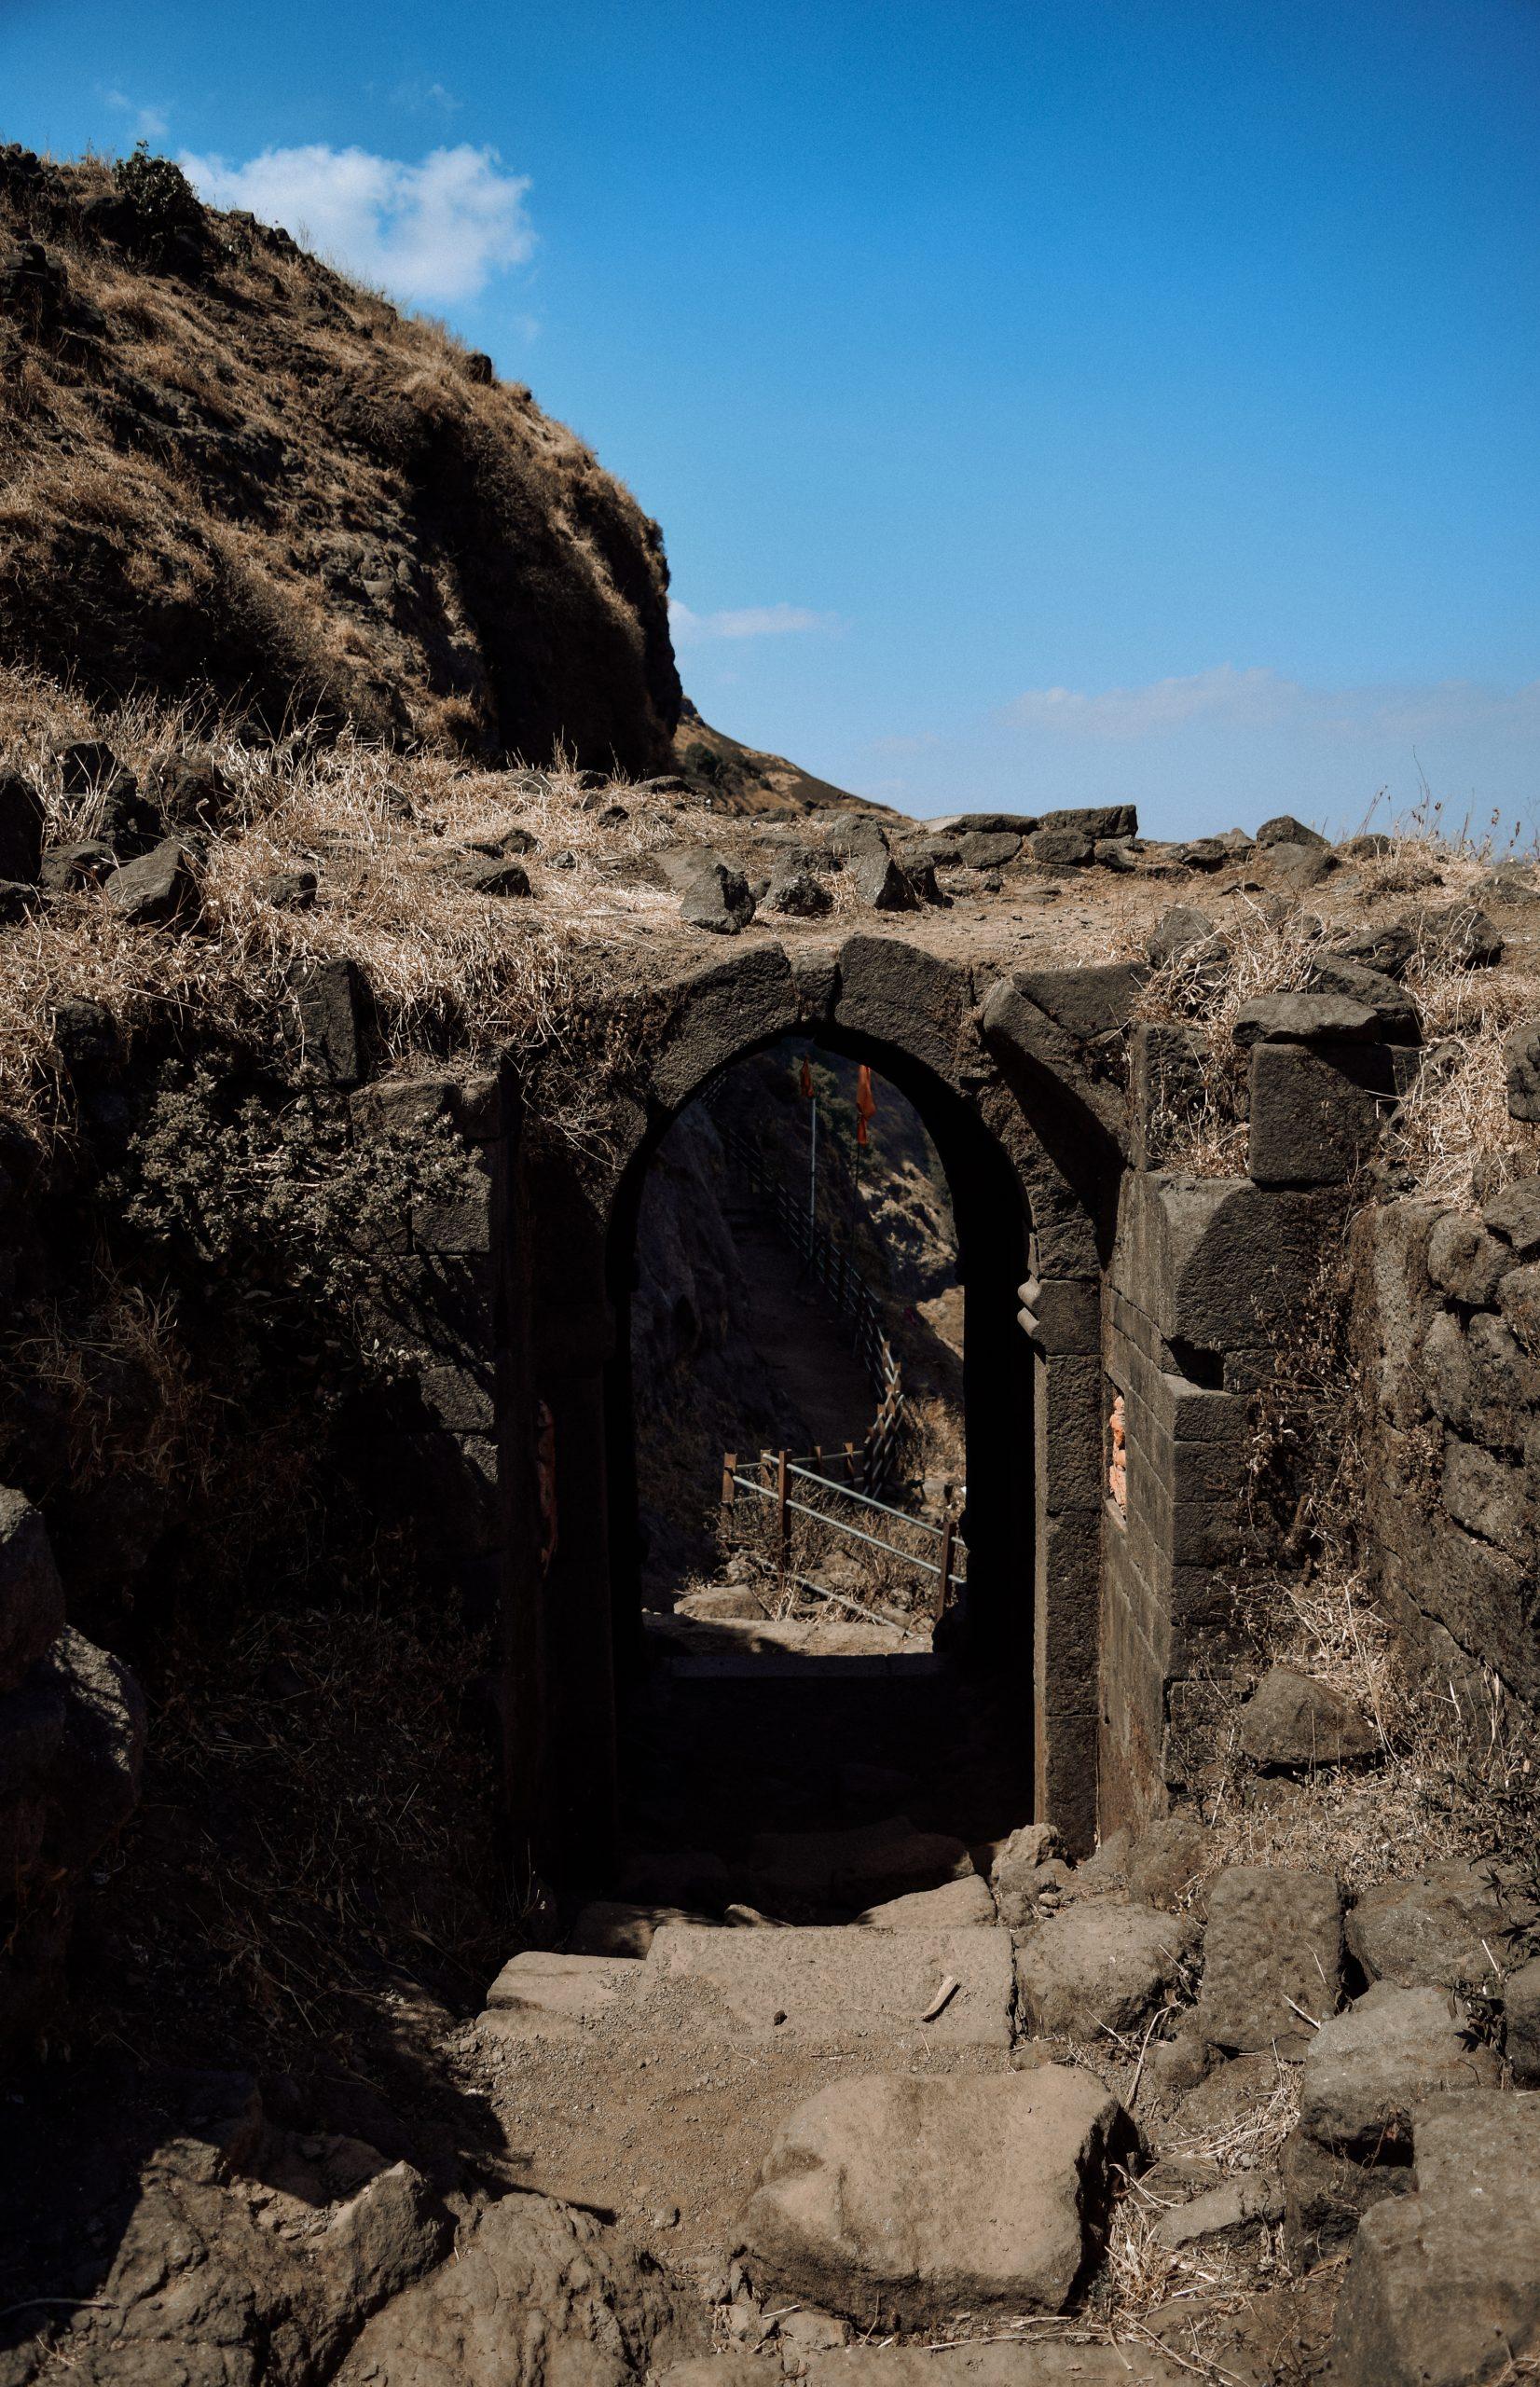 Ratnagad Fort